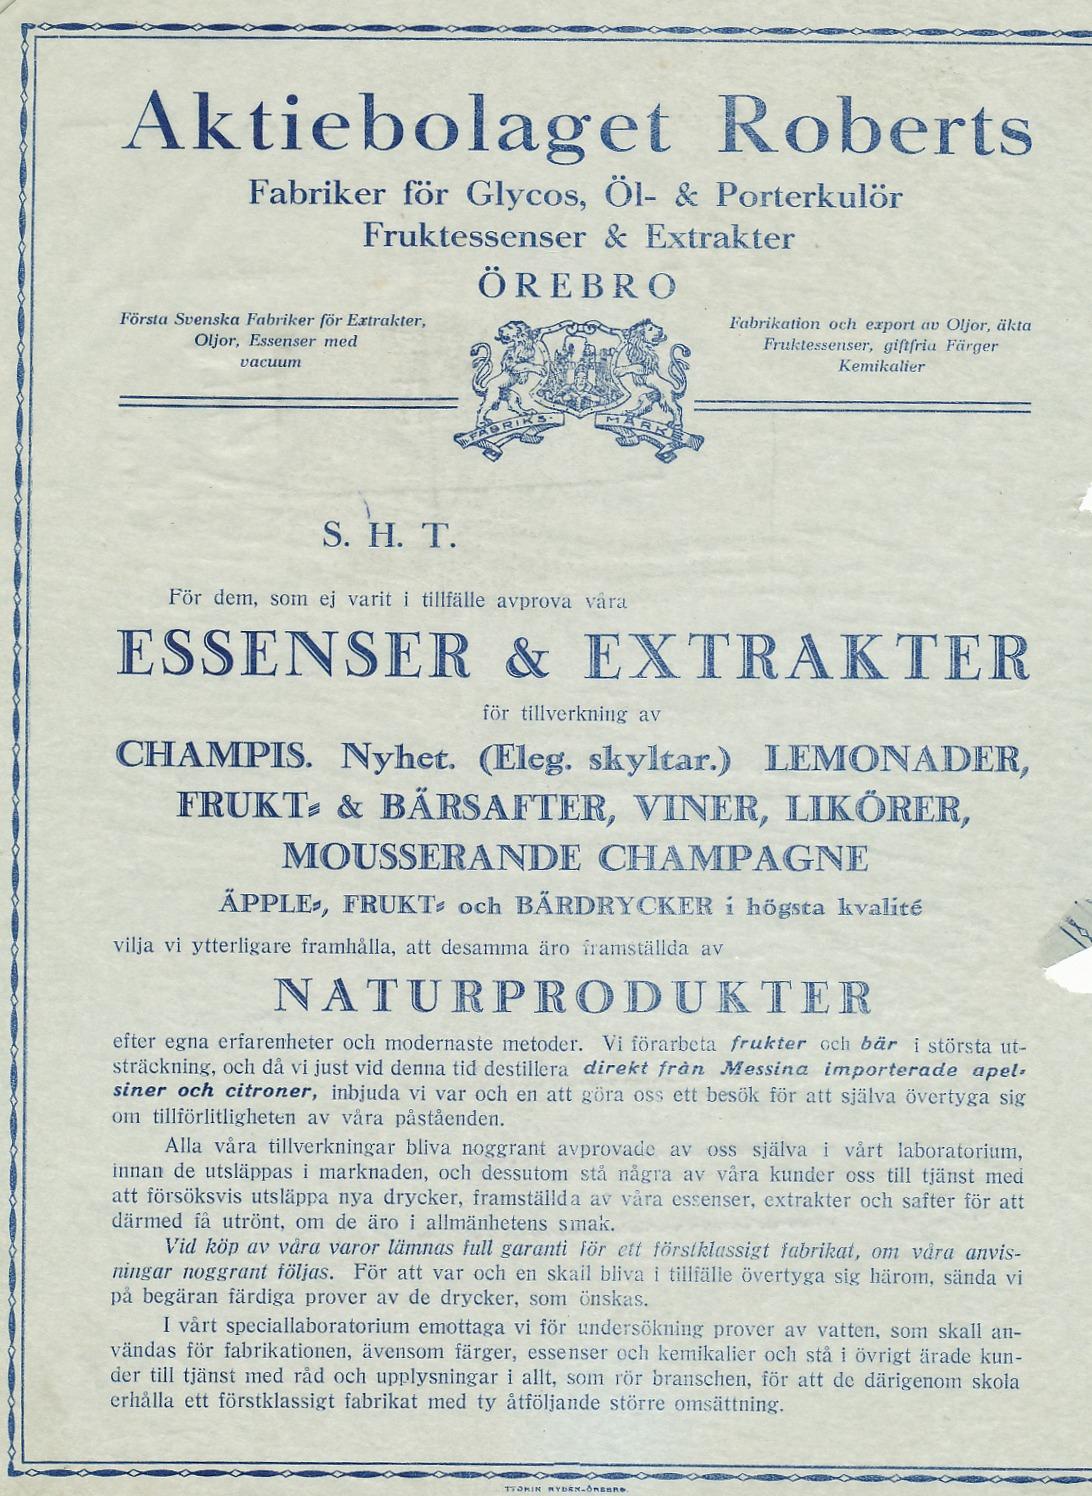 Redan på 1920-talet framhöll Ab Roberts att deras essenser är tillverkade av de renaste naturprodukter och att kunderna var välkomna för att också själva kunna konstatera detsamma.